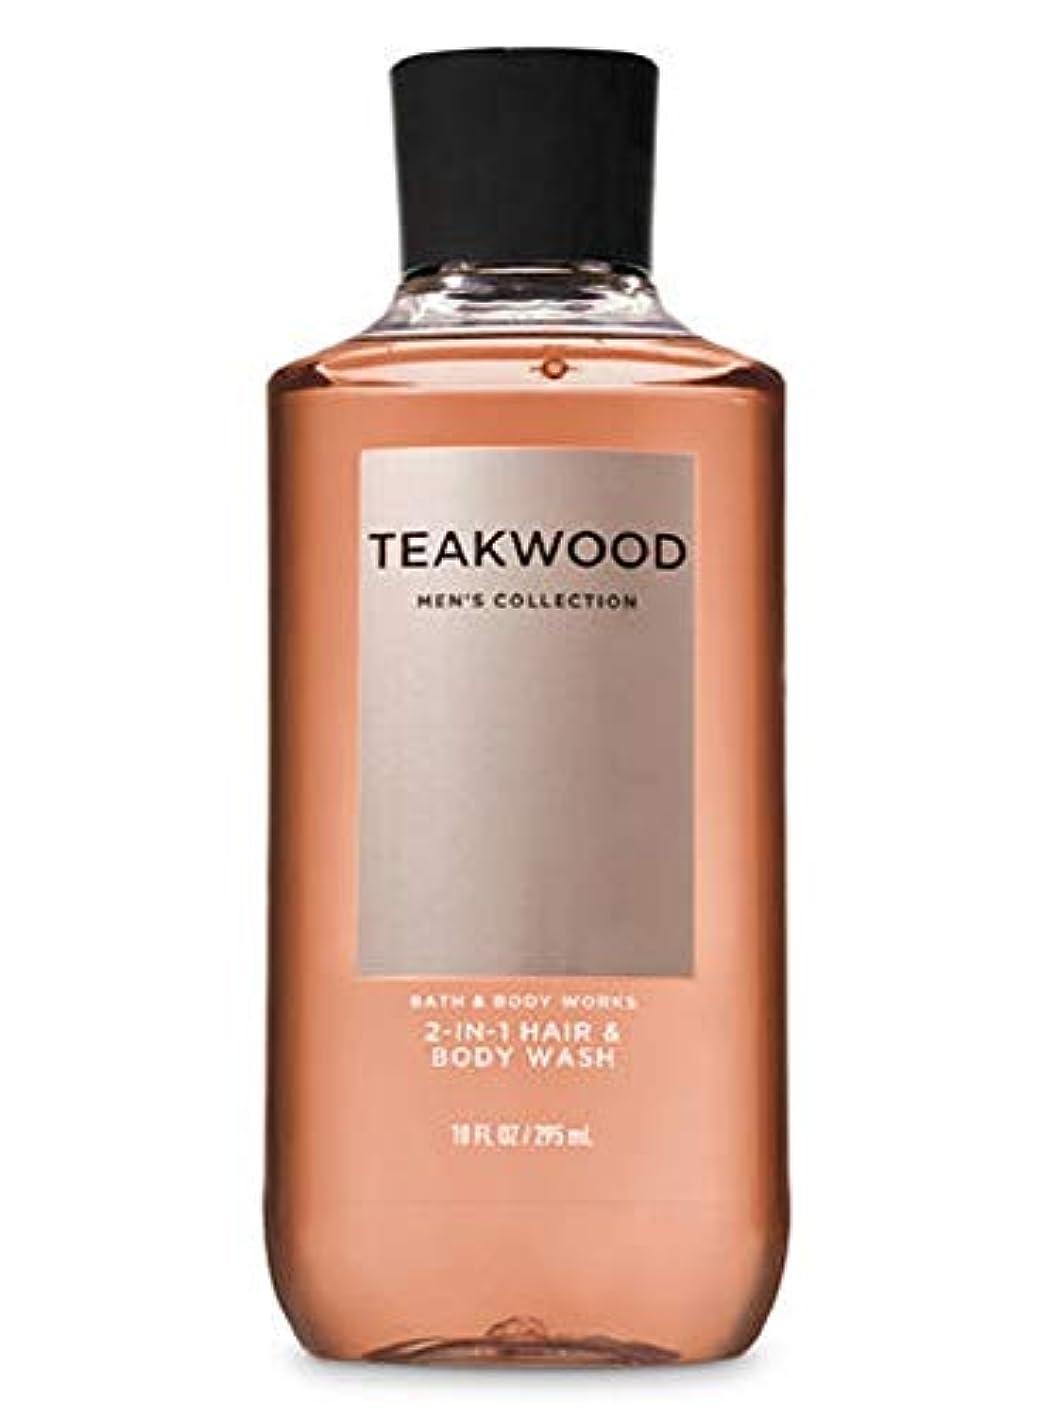 目を覚ます流す司法【並行輸入品】Bath & Body Works TEAKWOOD 2-in-1 Hair + Body Wash